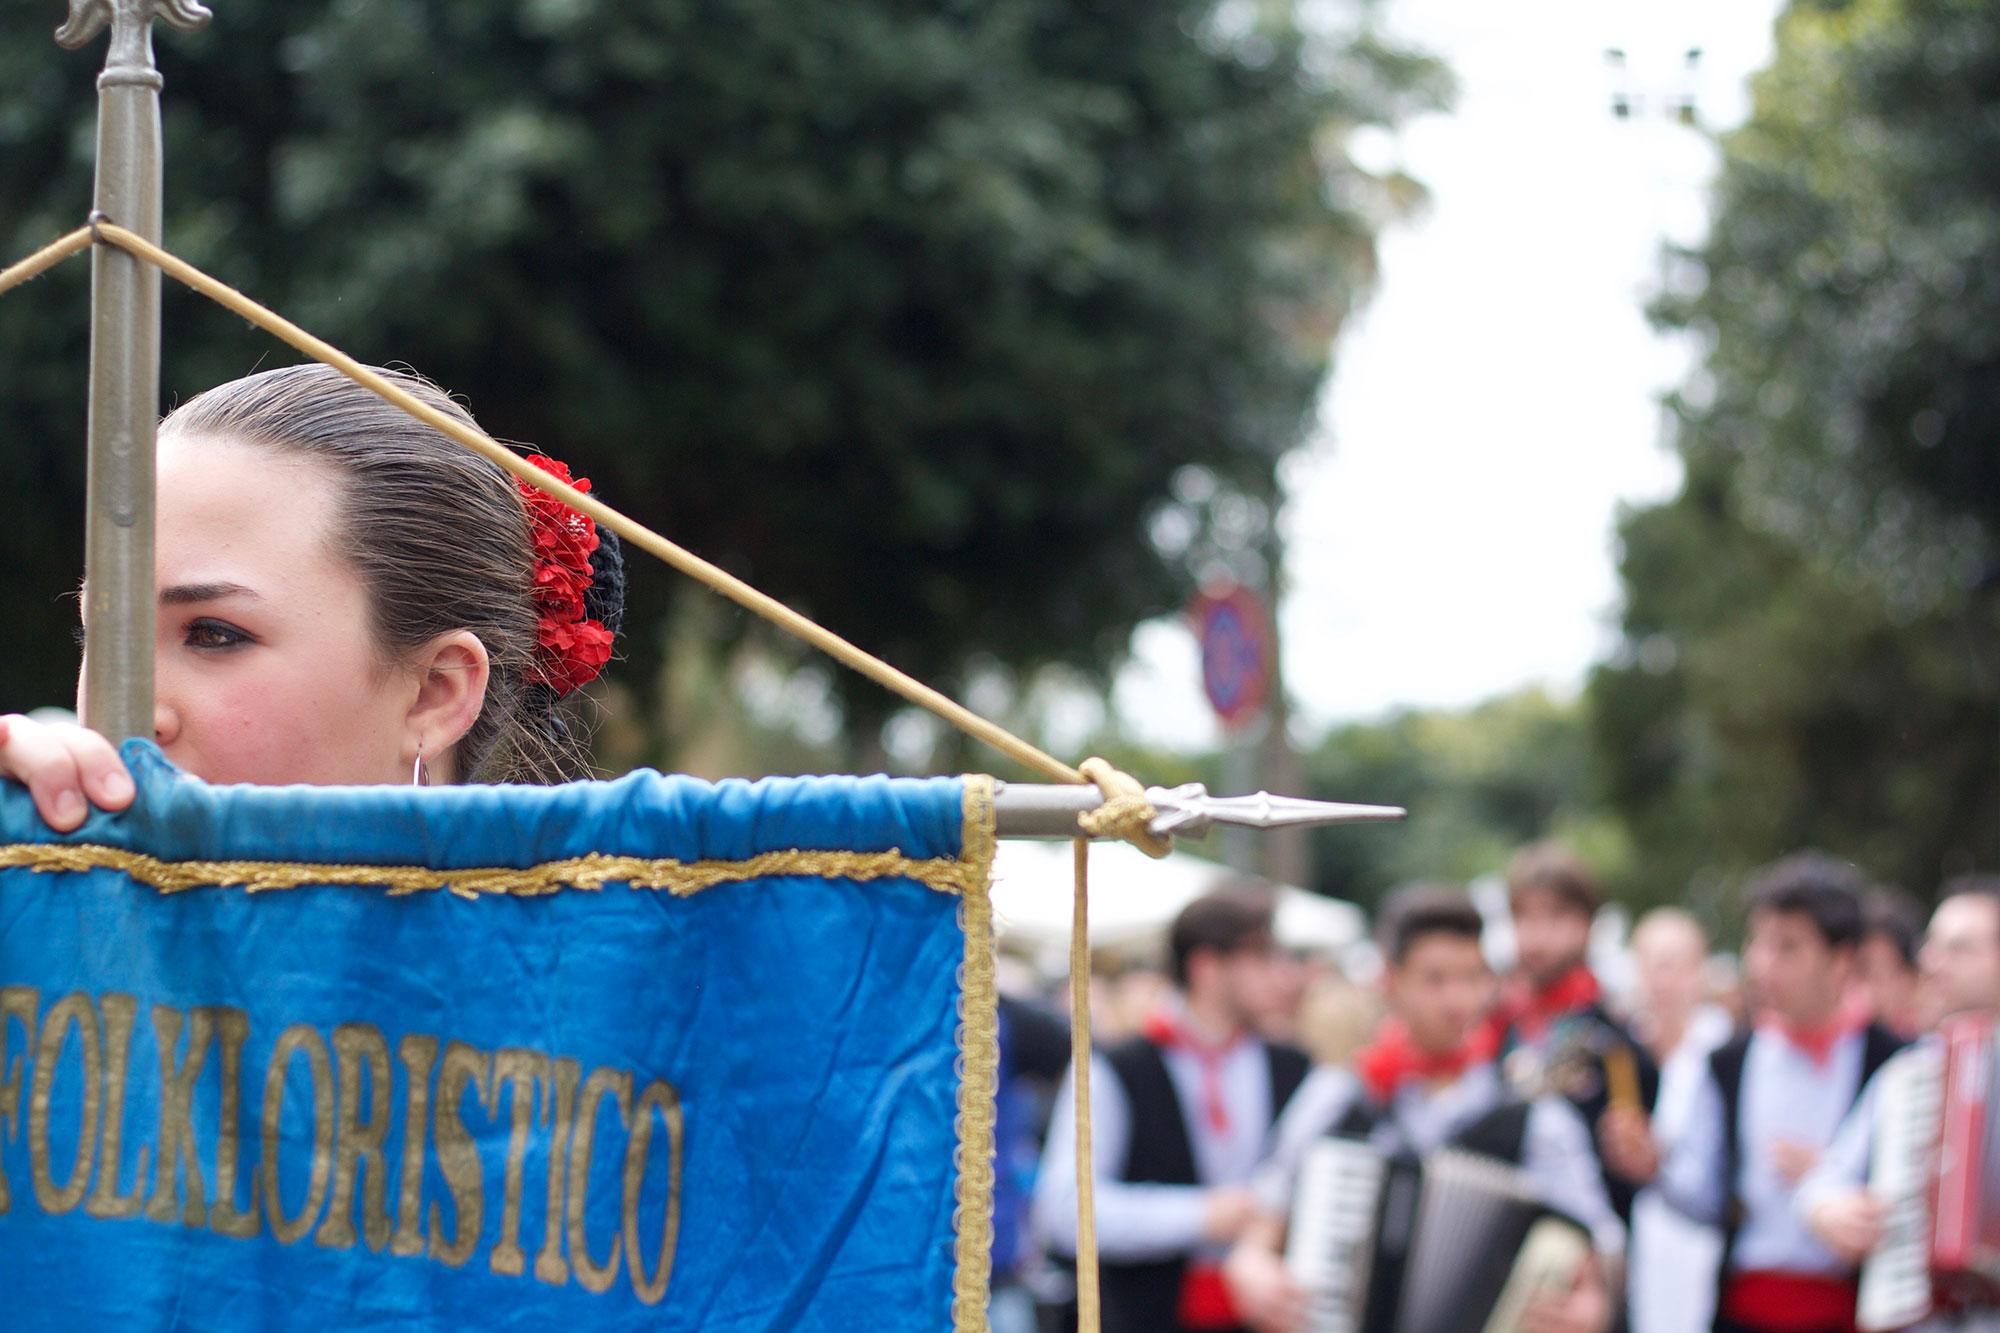 Gruppo folkloristico siciliano Mandorlo in Fiore